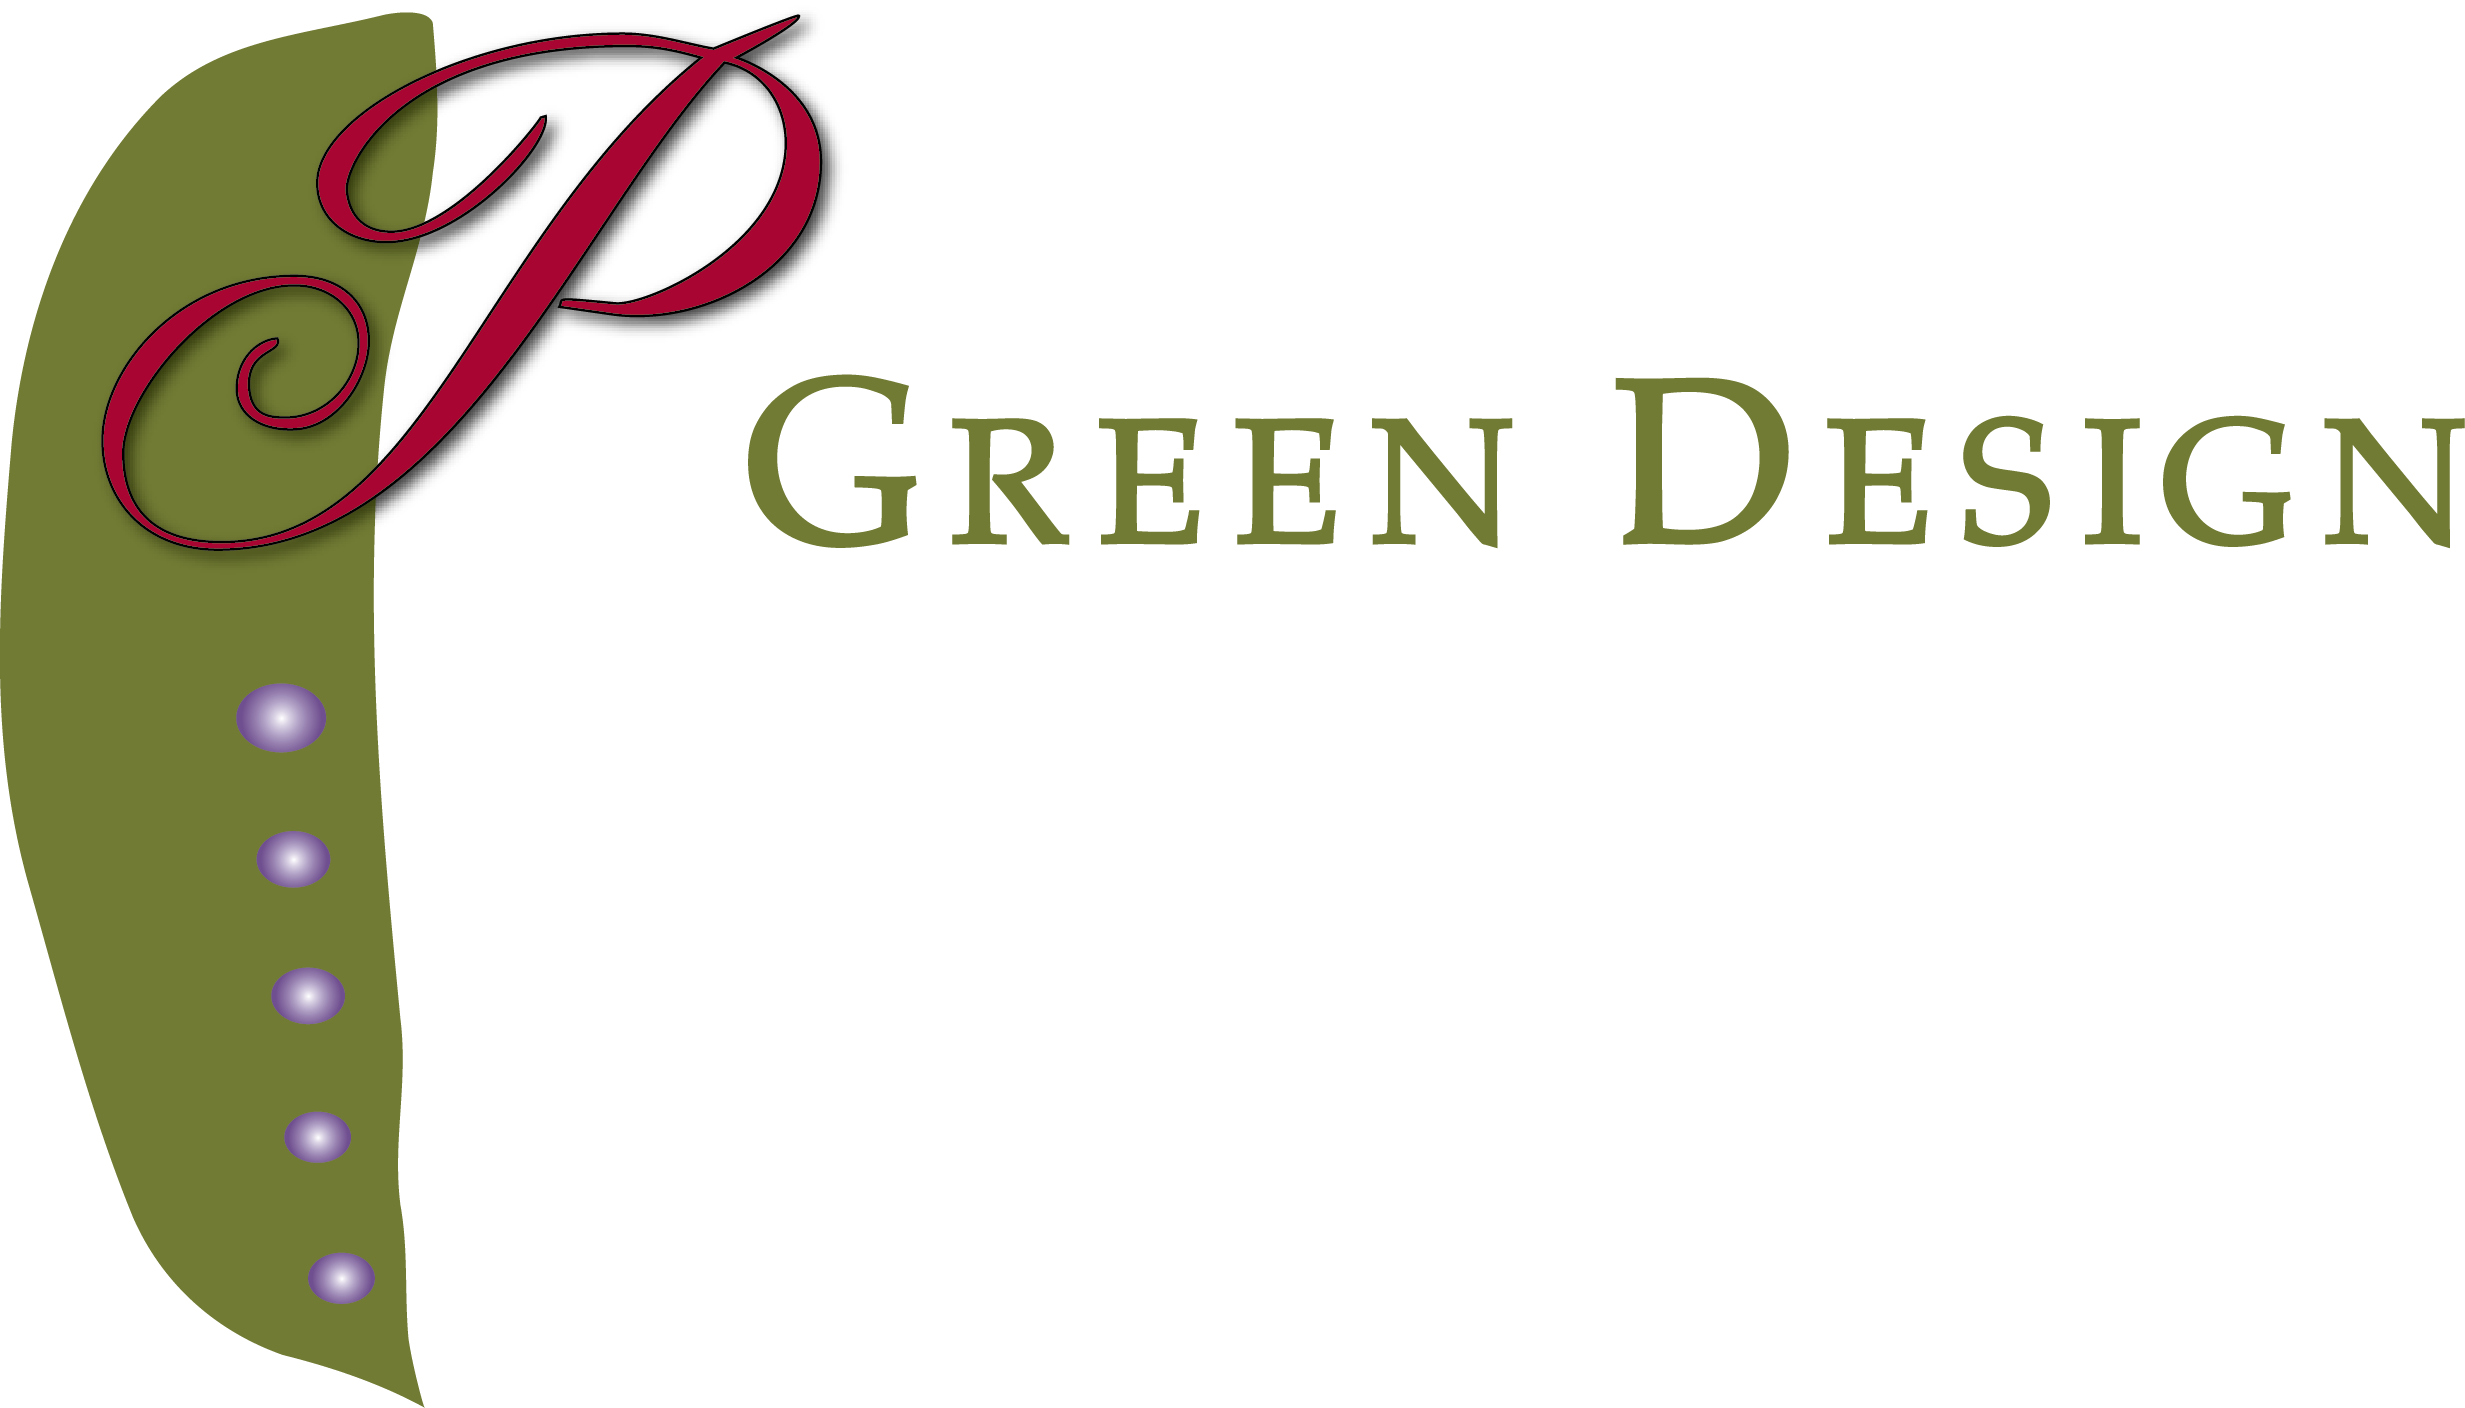 P Green Design Logo